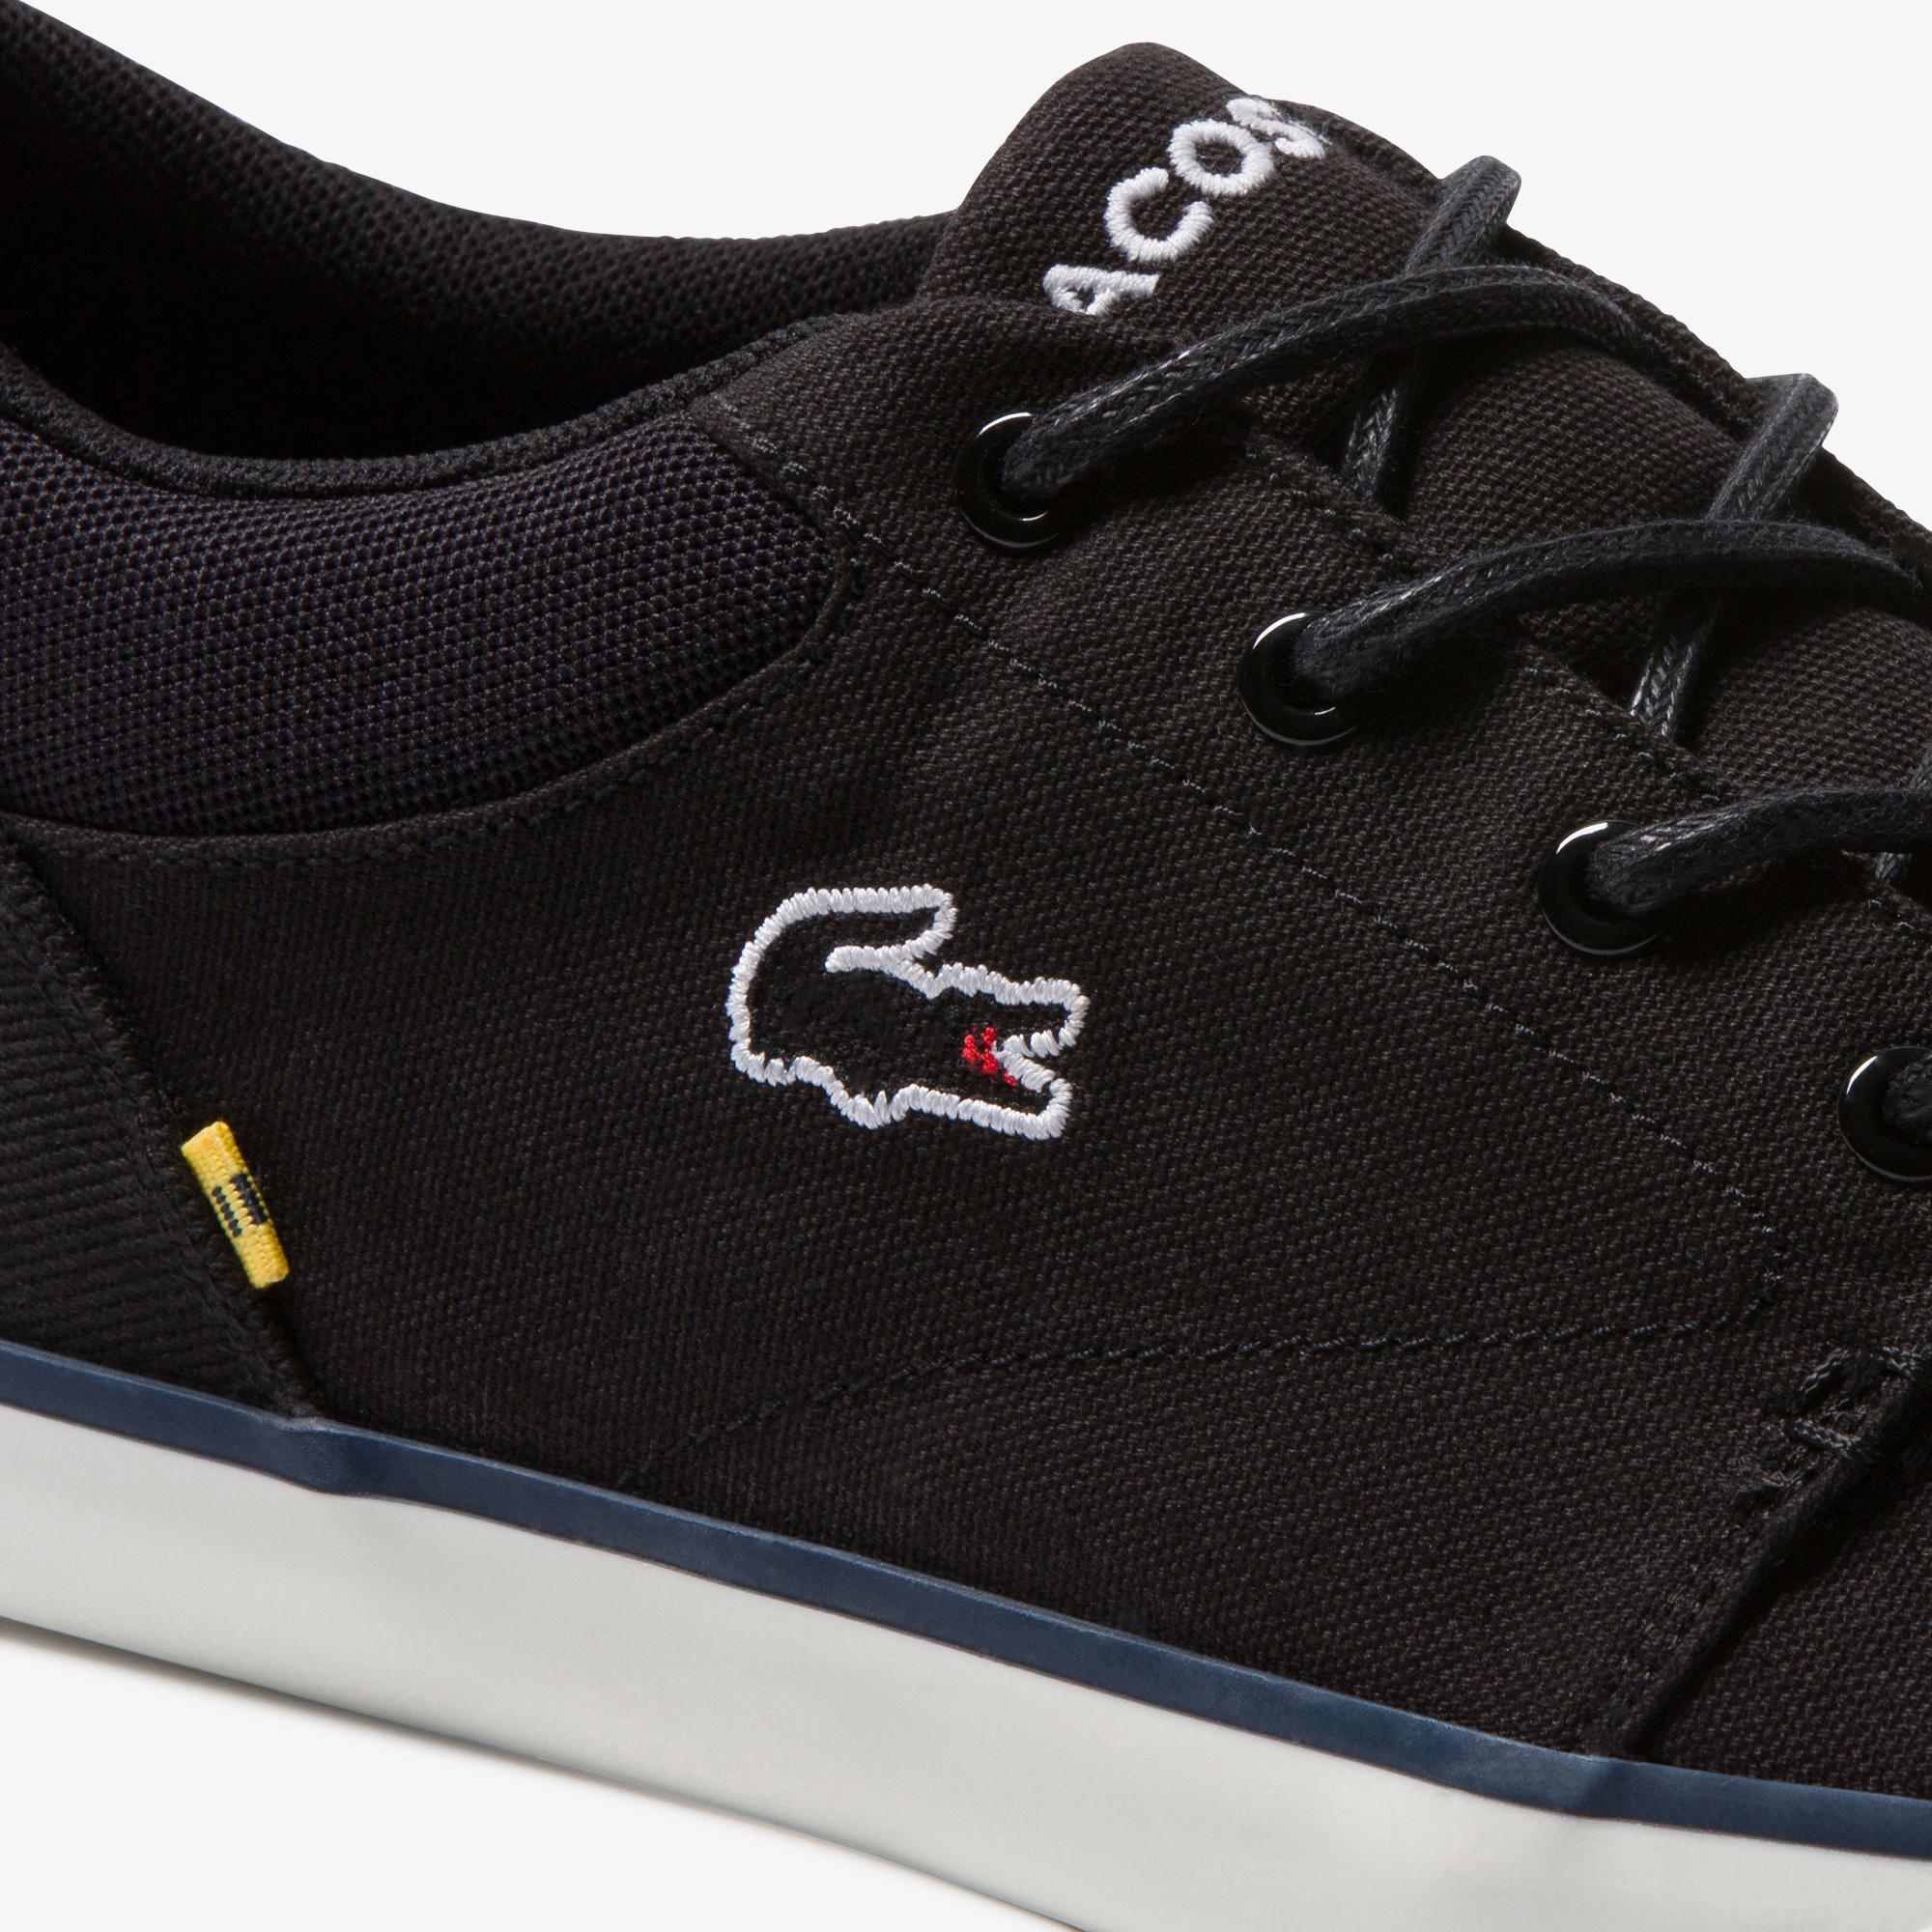 Lacoste Bayliss 220 1 Cma Erkek Siyah Ayakkabı